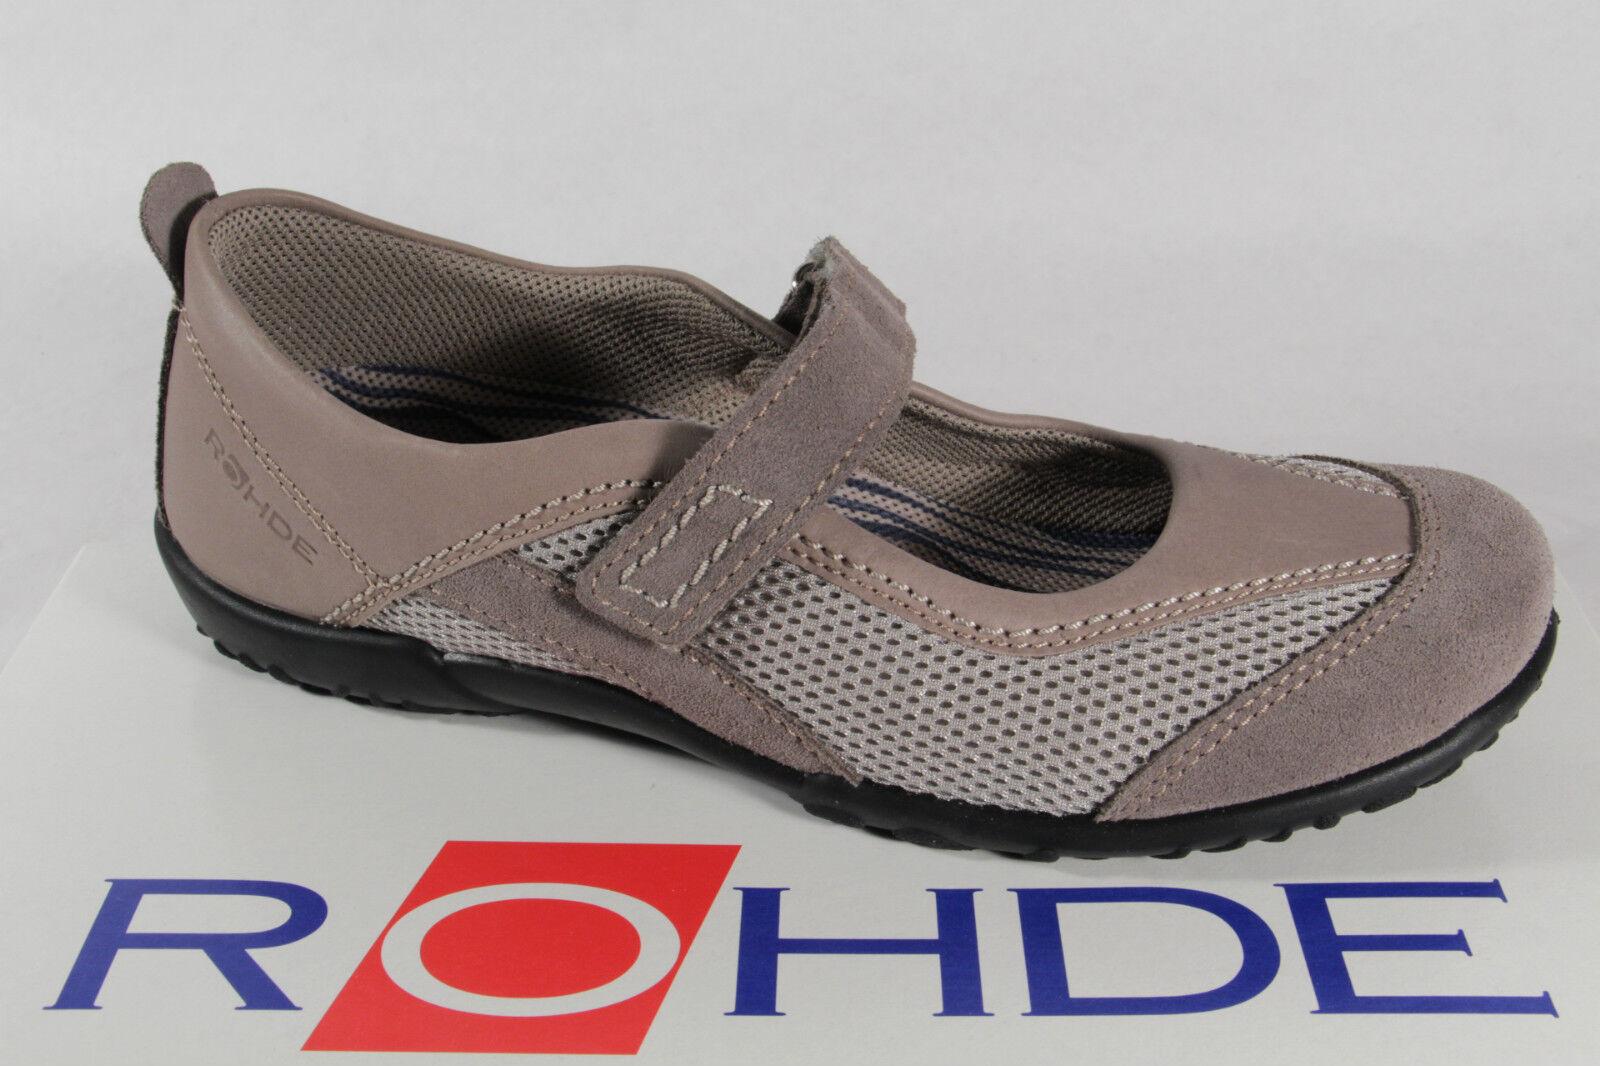 acquista online oggi Rohde Rohde Rohde Pantofola con Wechselußbett per Solette Adatte, Grigio Beige Nuovo  80% di sconto